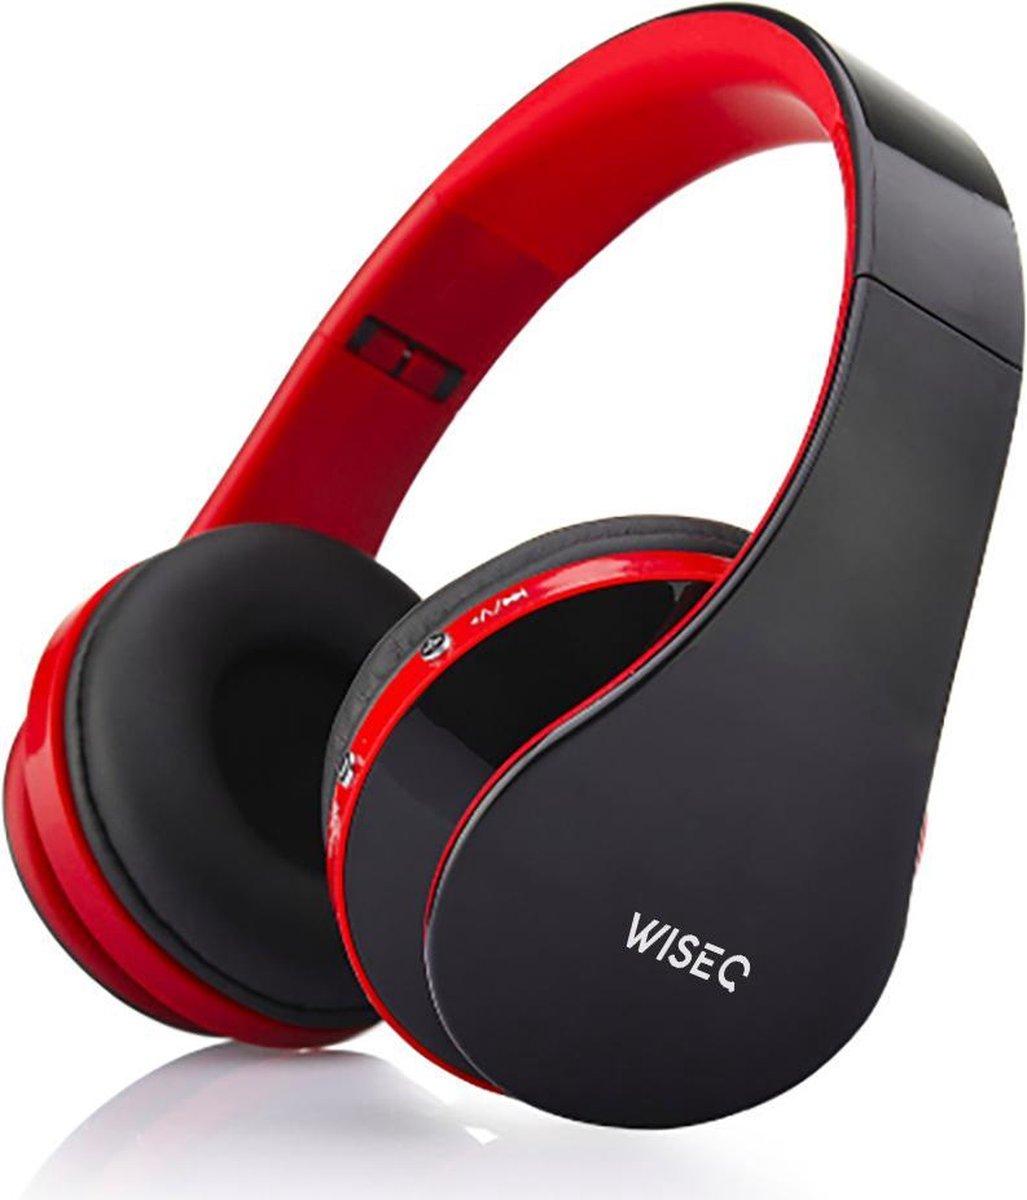 WISEQ Draadloze Kinder Koptelefoon – Bluetooth Koptelefoon voor Kinderen – on ear – 8 uur muziek   zwart/rood